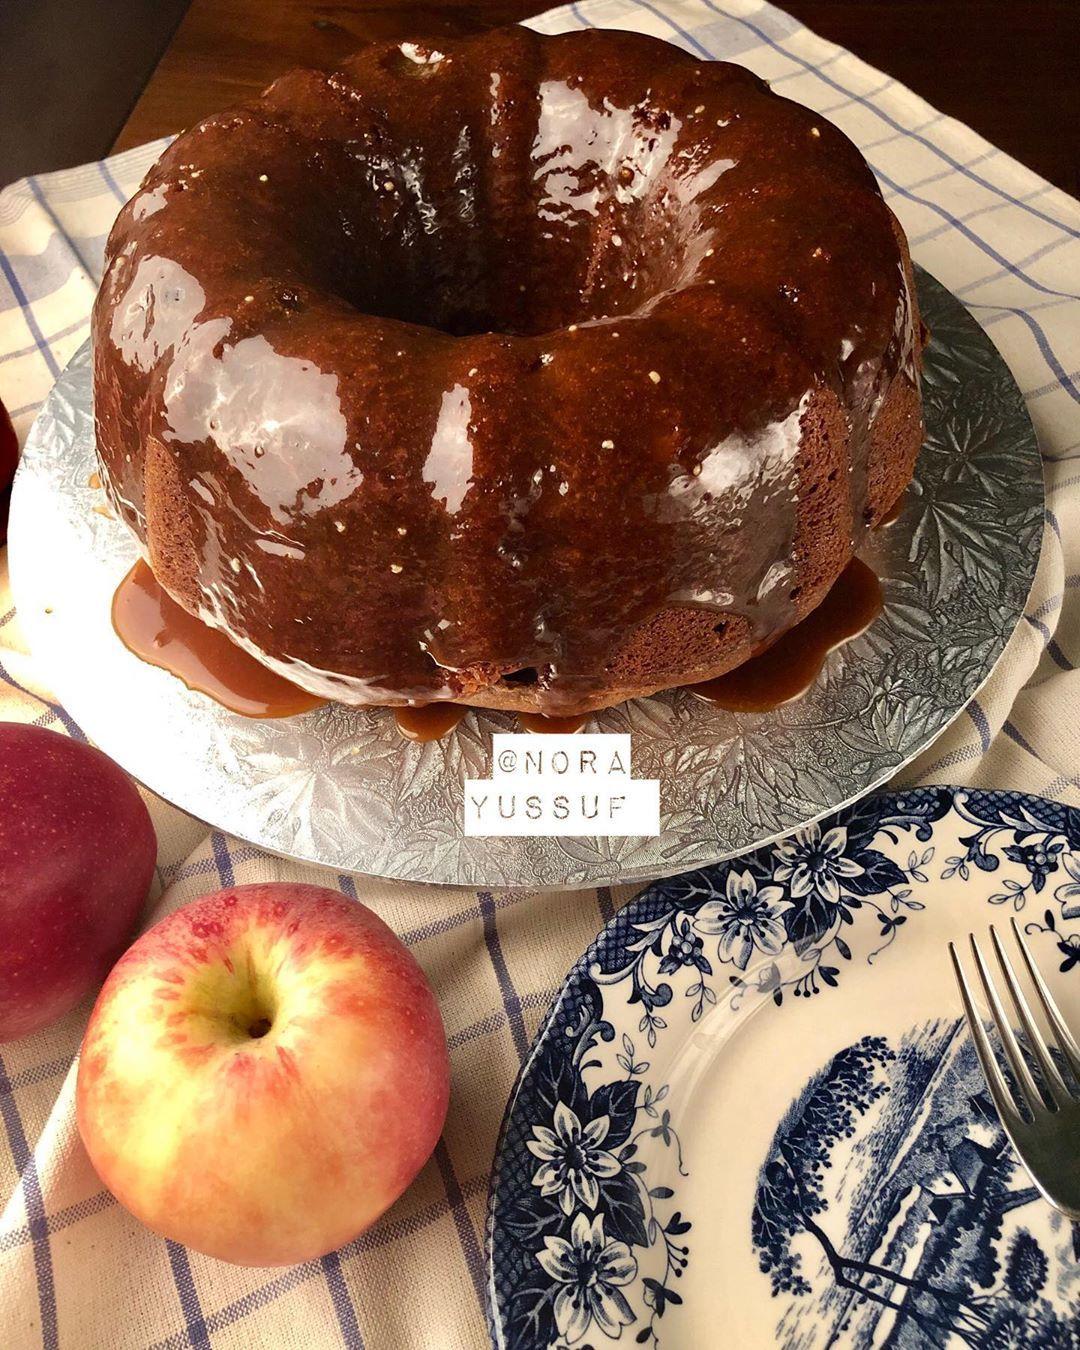 أم فارس On Instagram كيكة التفاح Apple Bundt Cake كيكة رطبة وطرية مع رائحة القرفة الشهية وطعم الكراميل اللذيذ ولا Dessert Recipes Desserts Food